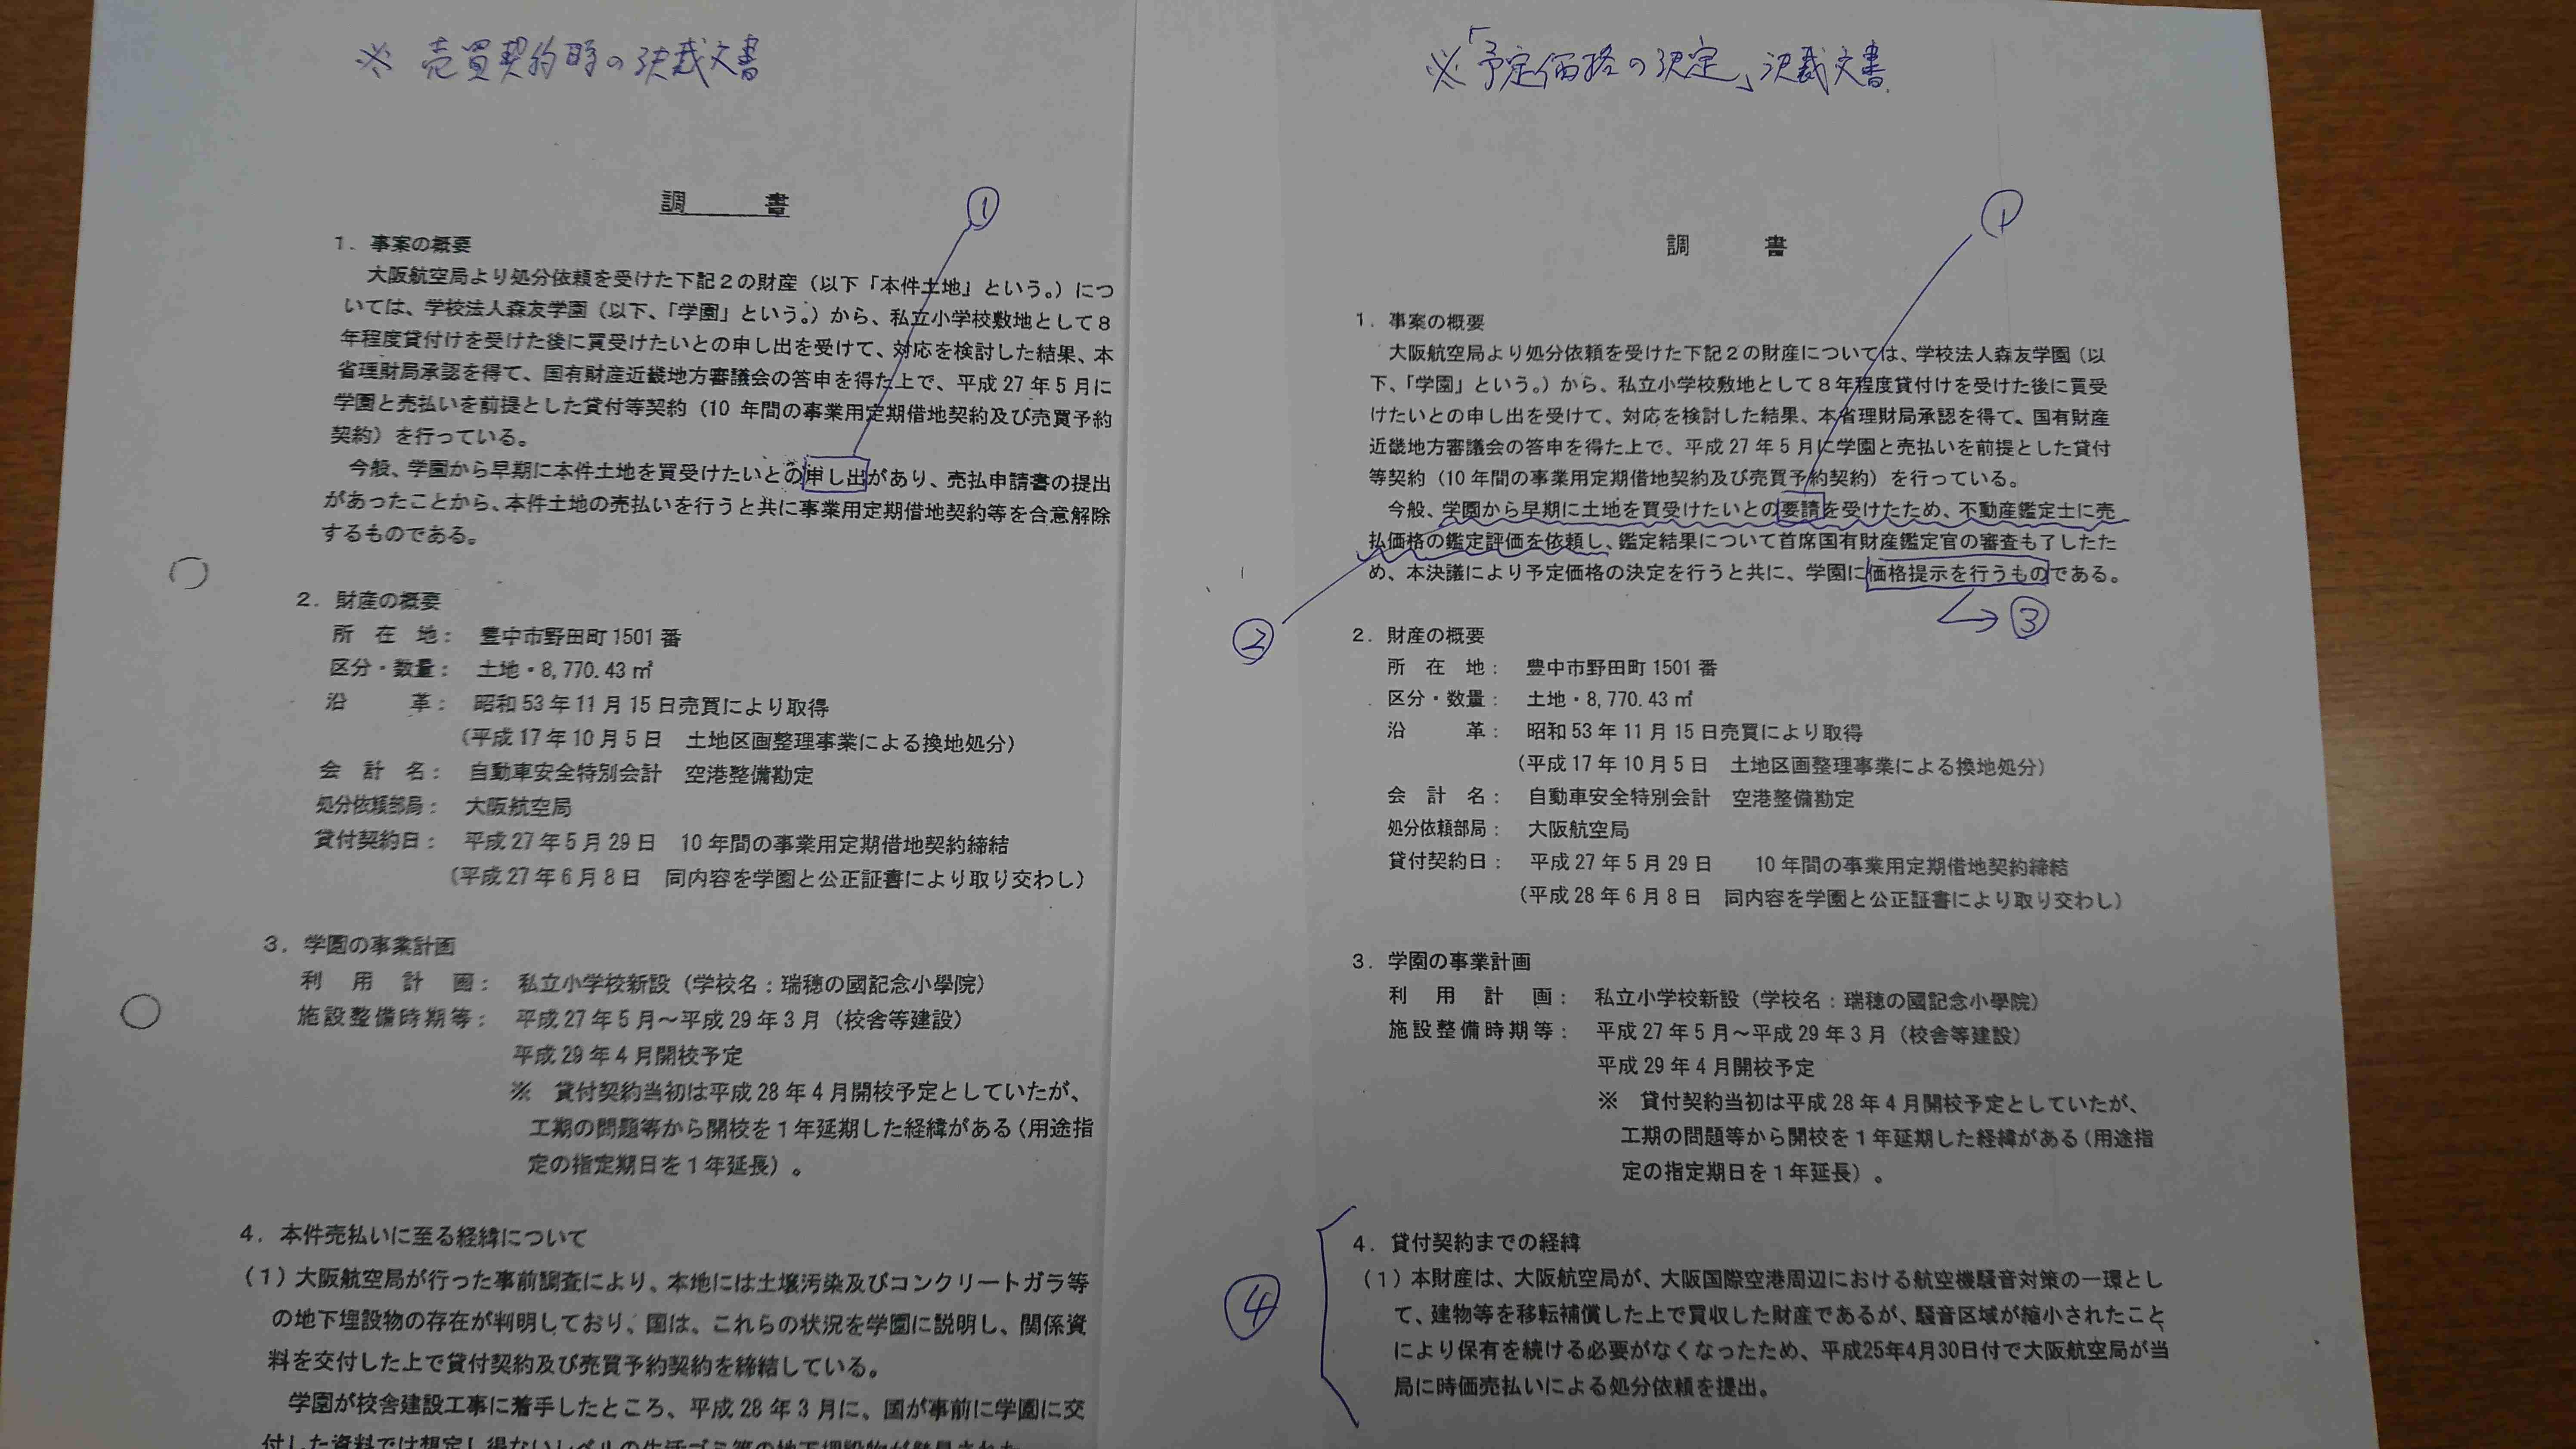 朝日新聞さん、まさか文書を取り違えてはないとは思いますが。。。|参議院議員 和田政宗オフィシャルブログ Powered by Ameba